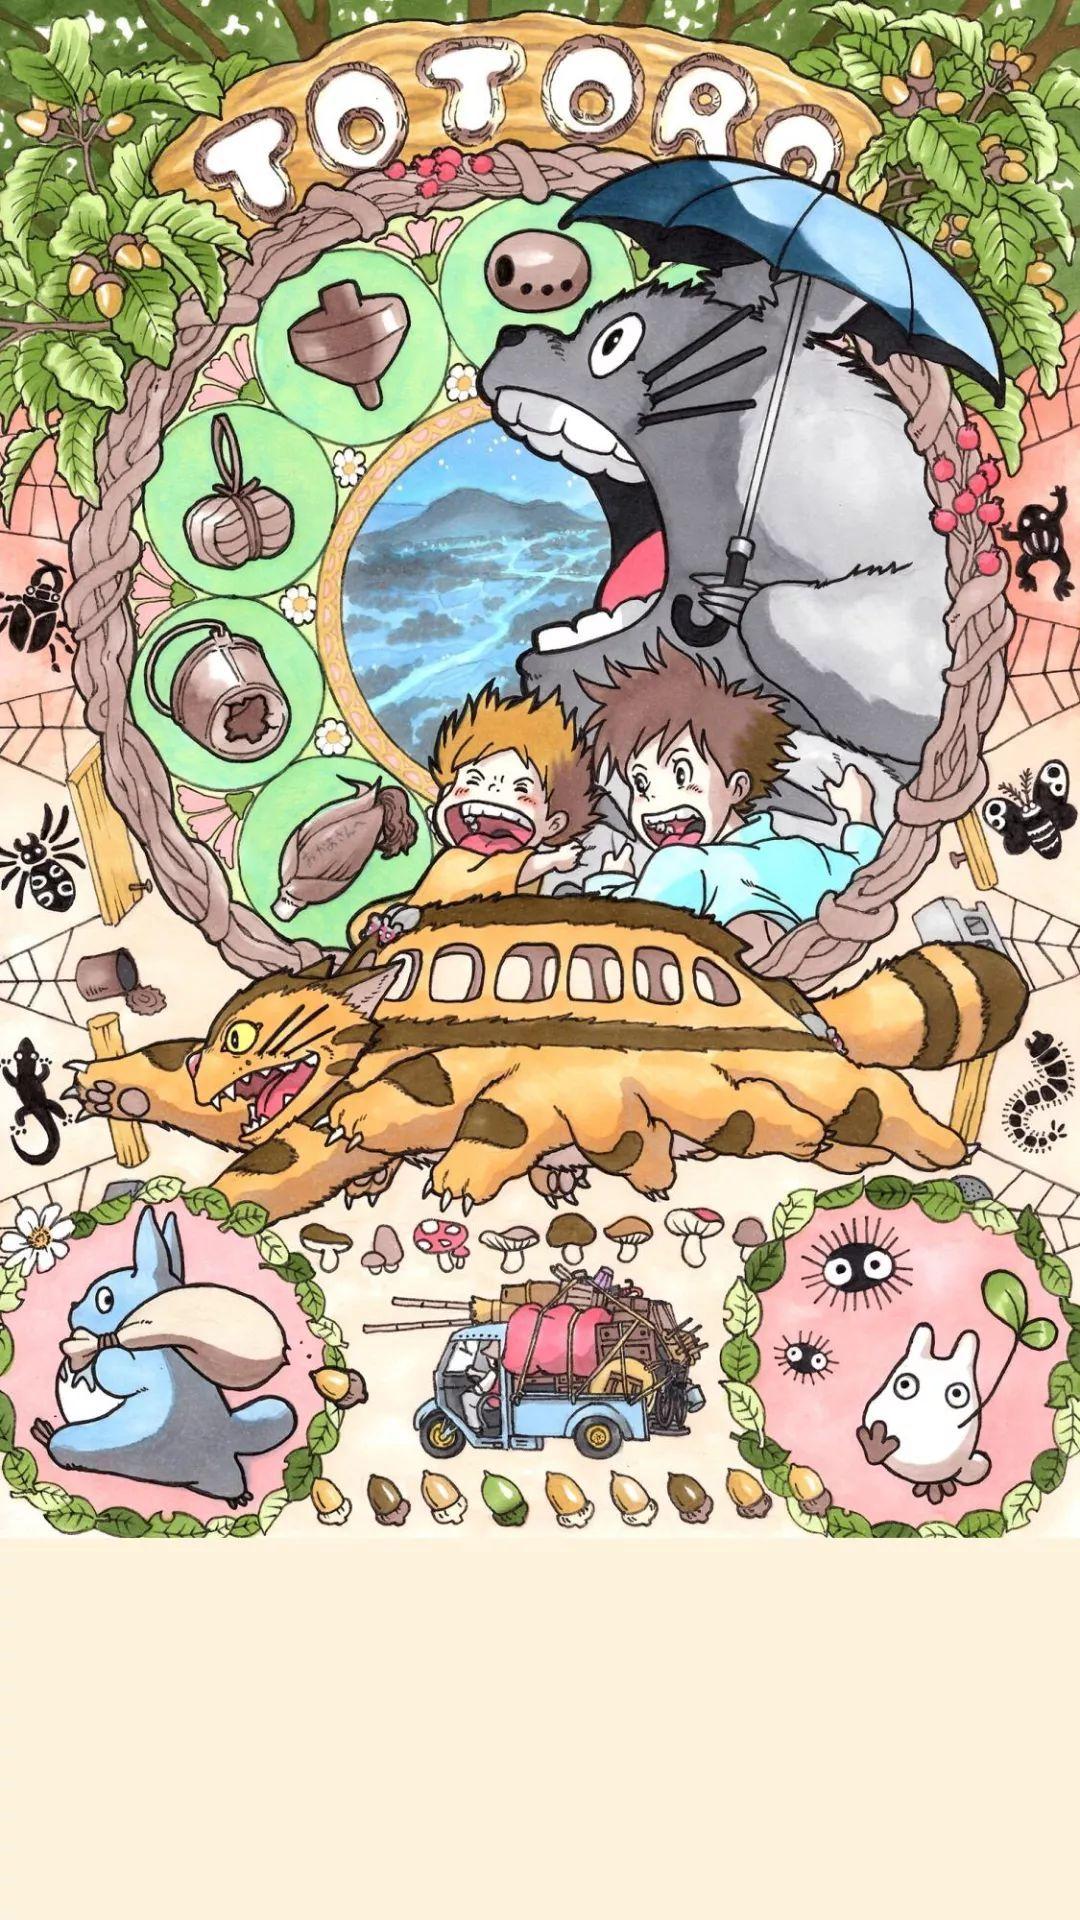 〖中影星美海报〗宫崎骏《龙猫》国内上映,手机壁纸来一波